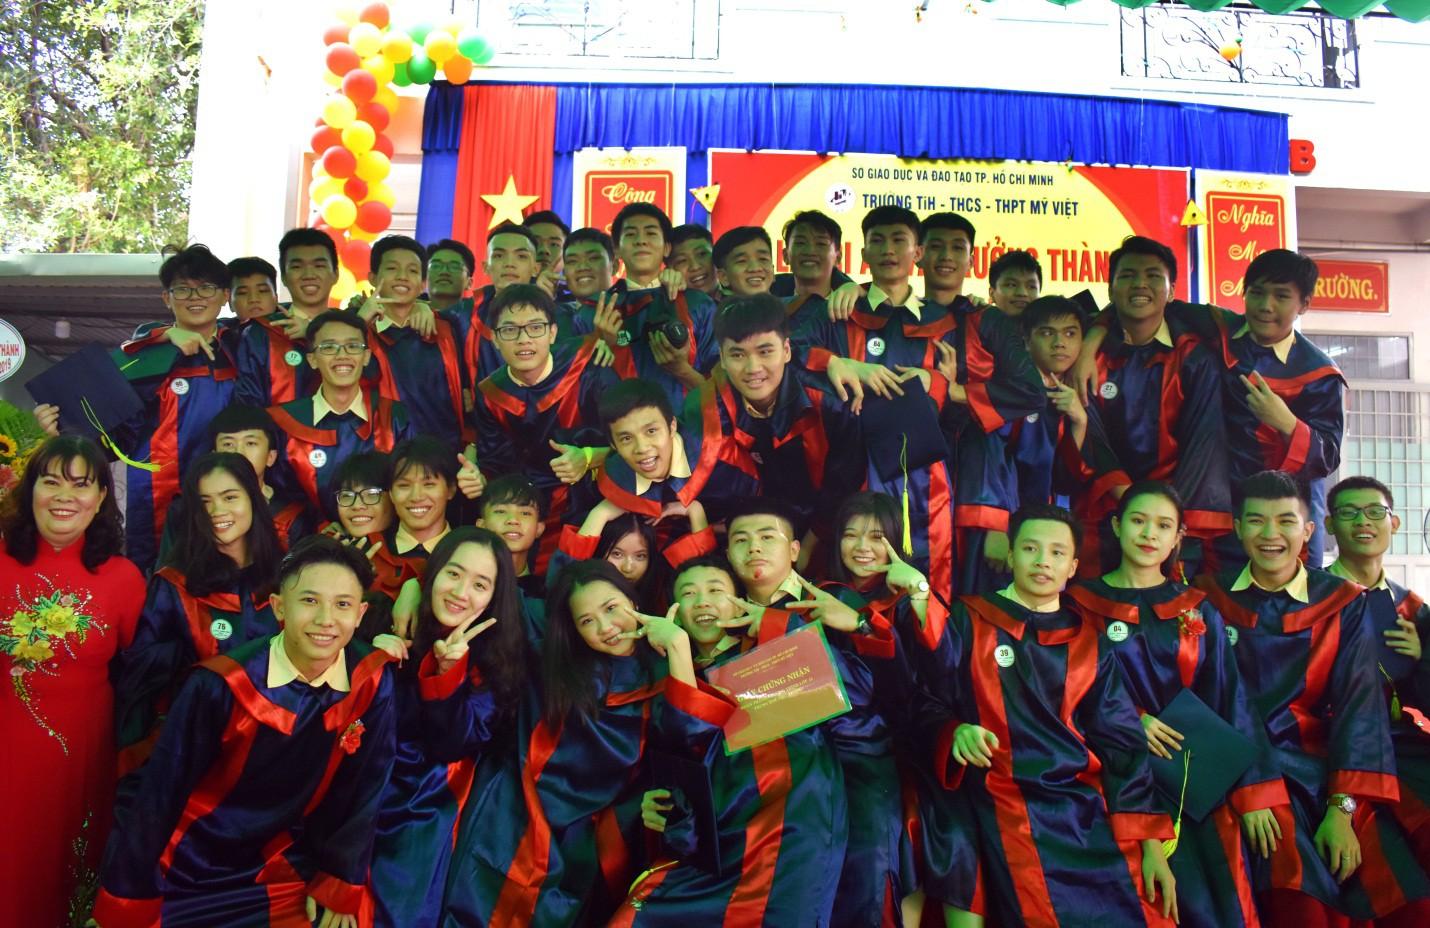 Nước mắt xen lẫn niềm vui trong lễ tri ân và trưởng thành của teen Mỹ Việt - Ảnh 10.